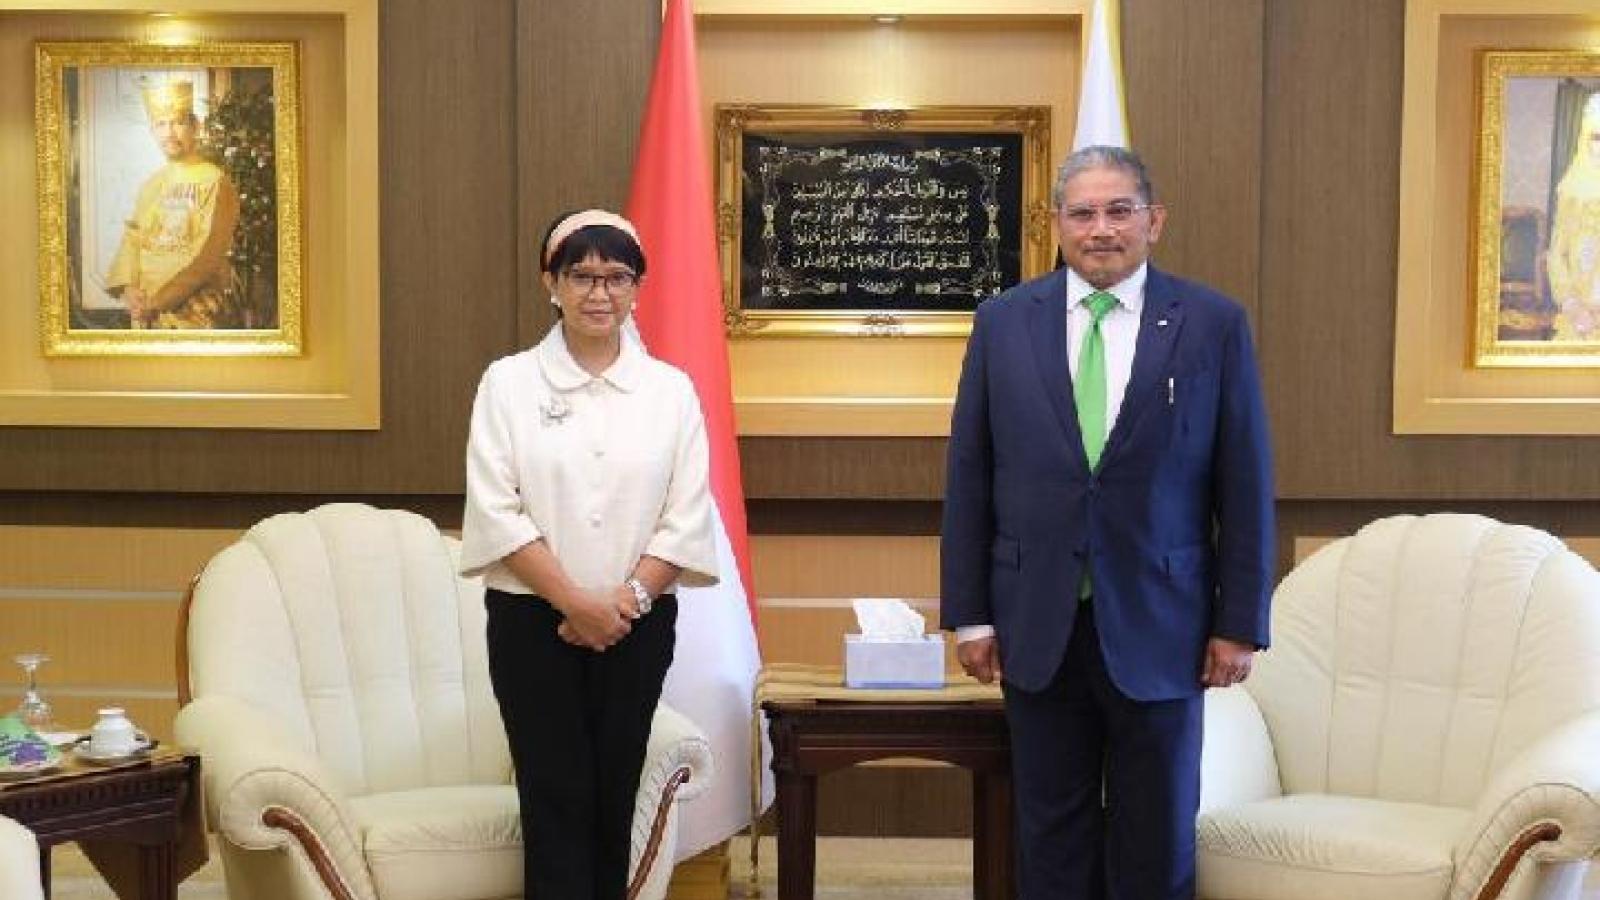 Indonesia thúc đẩy ASEAN hành động trước diễn biến chính trị ở Myanmar